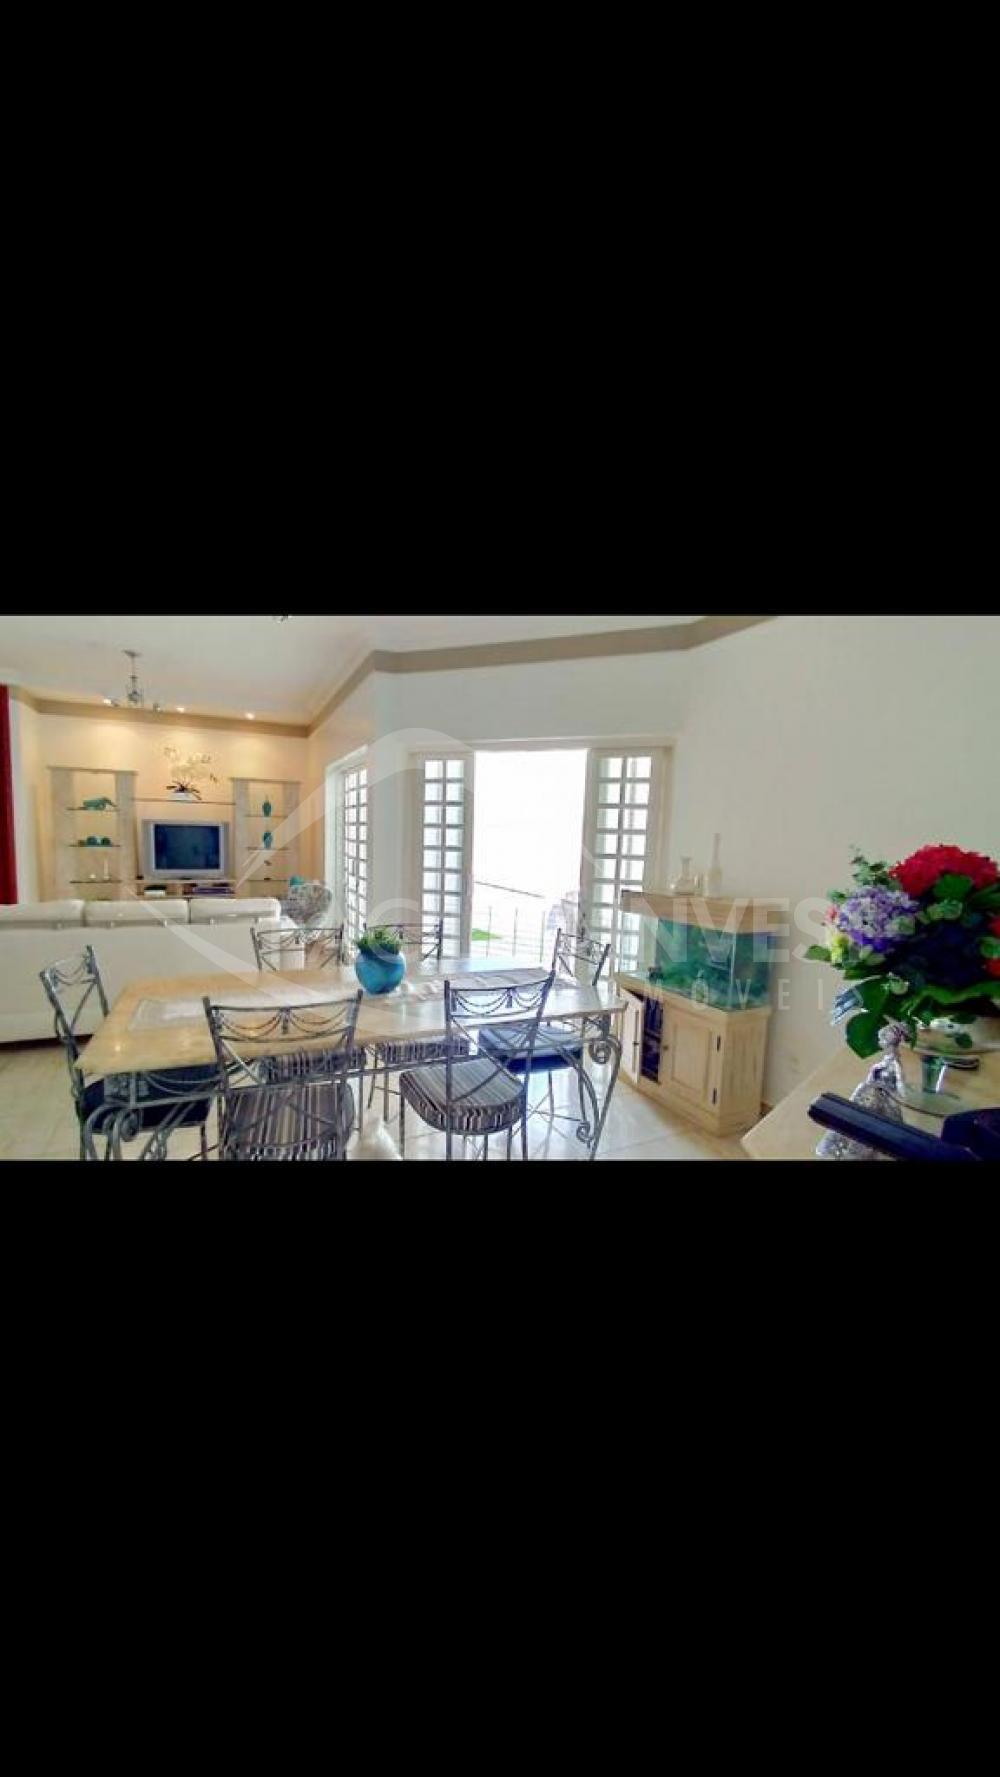 Comprar Casa Padrão / Casa Padrão em Ribeirão Preto R$ 900.000,00 - Foto 2